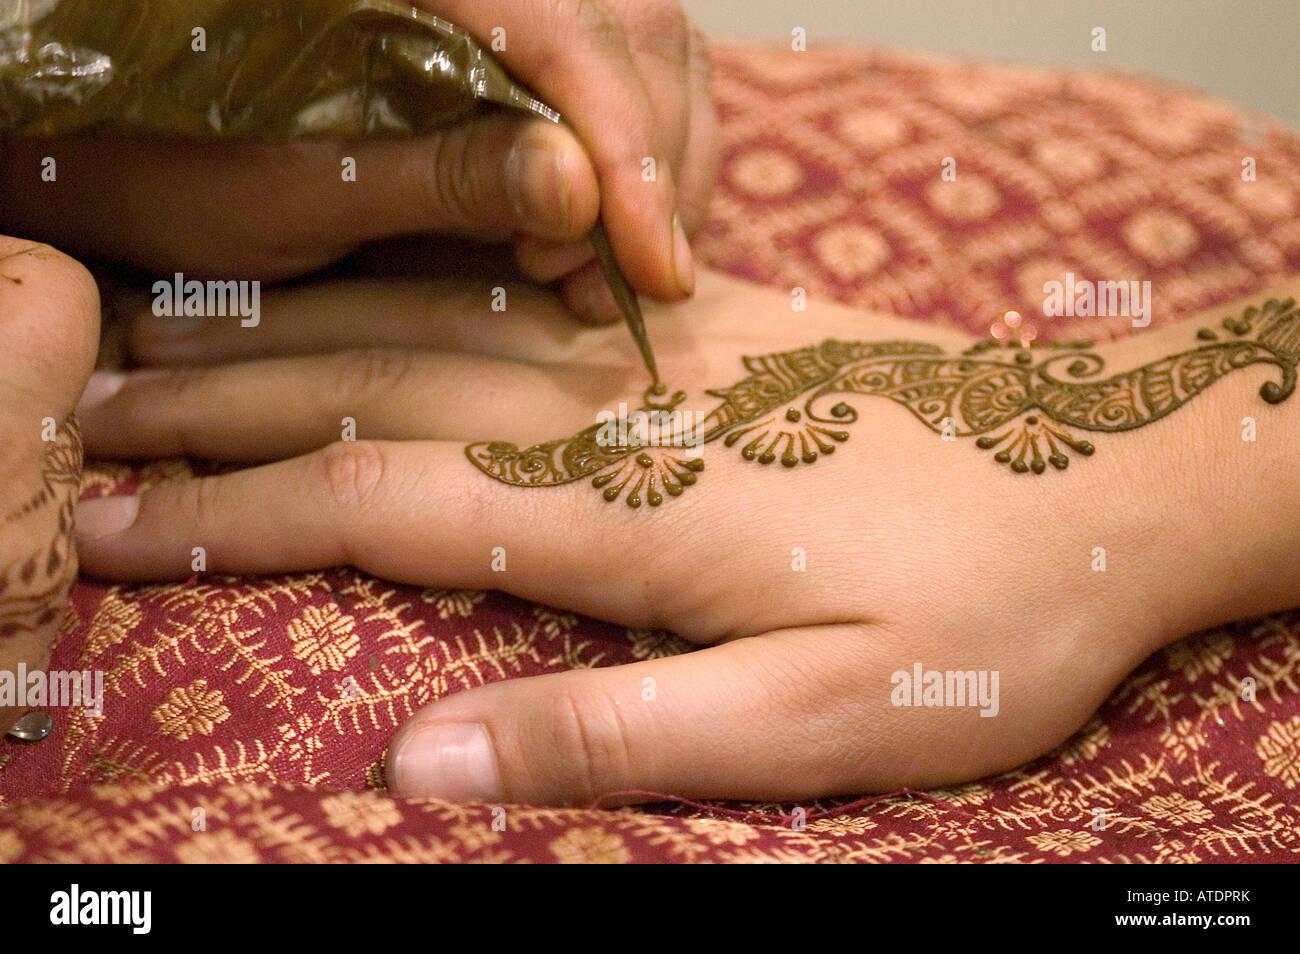 Tatouage au henné body art détail main femme tradition culture culture typique indien hindou motif mains Photo Stock